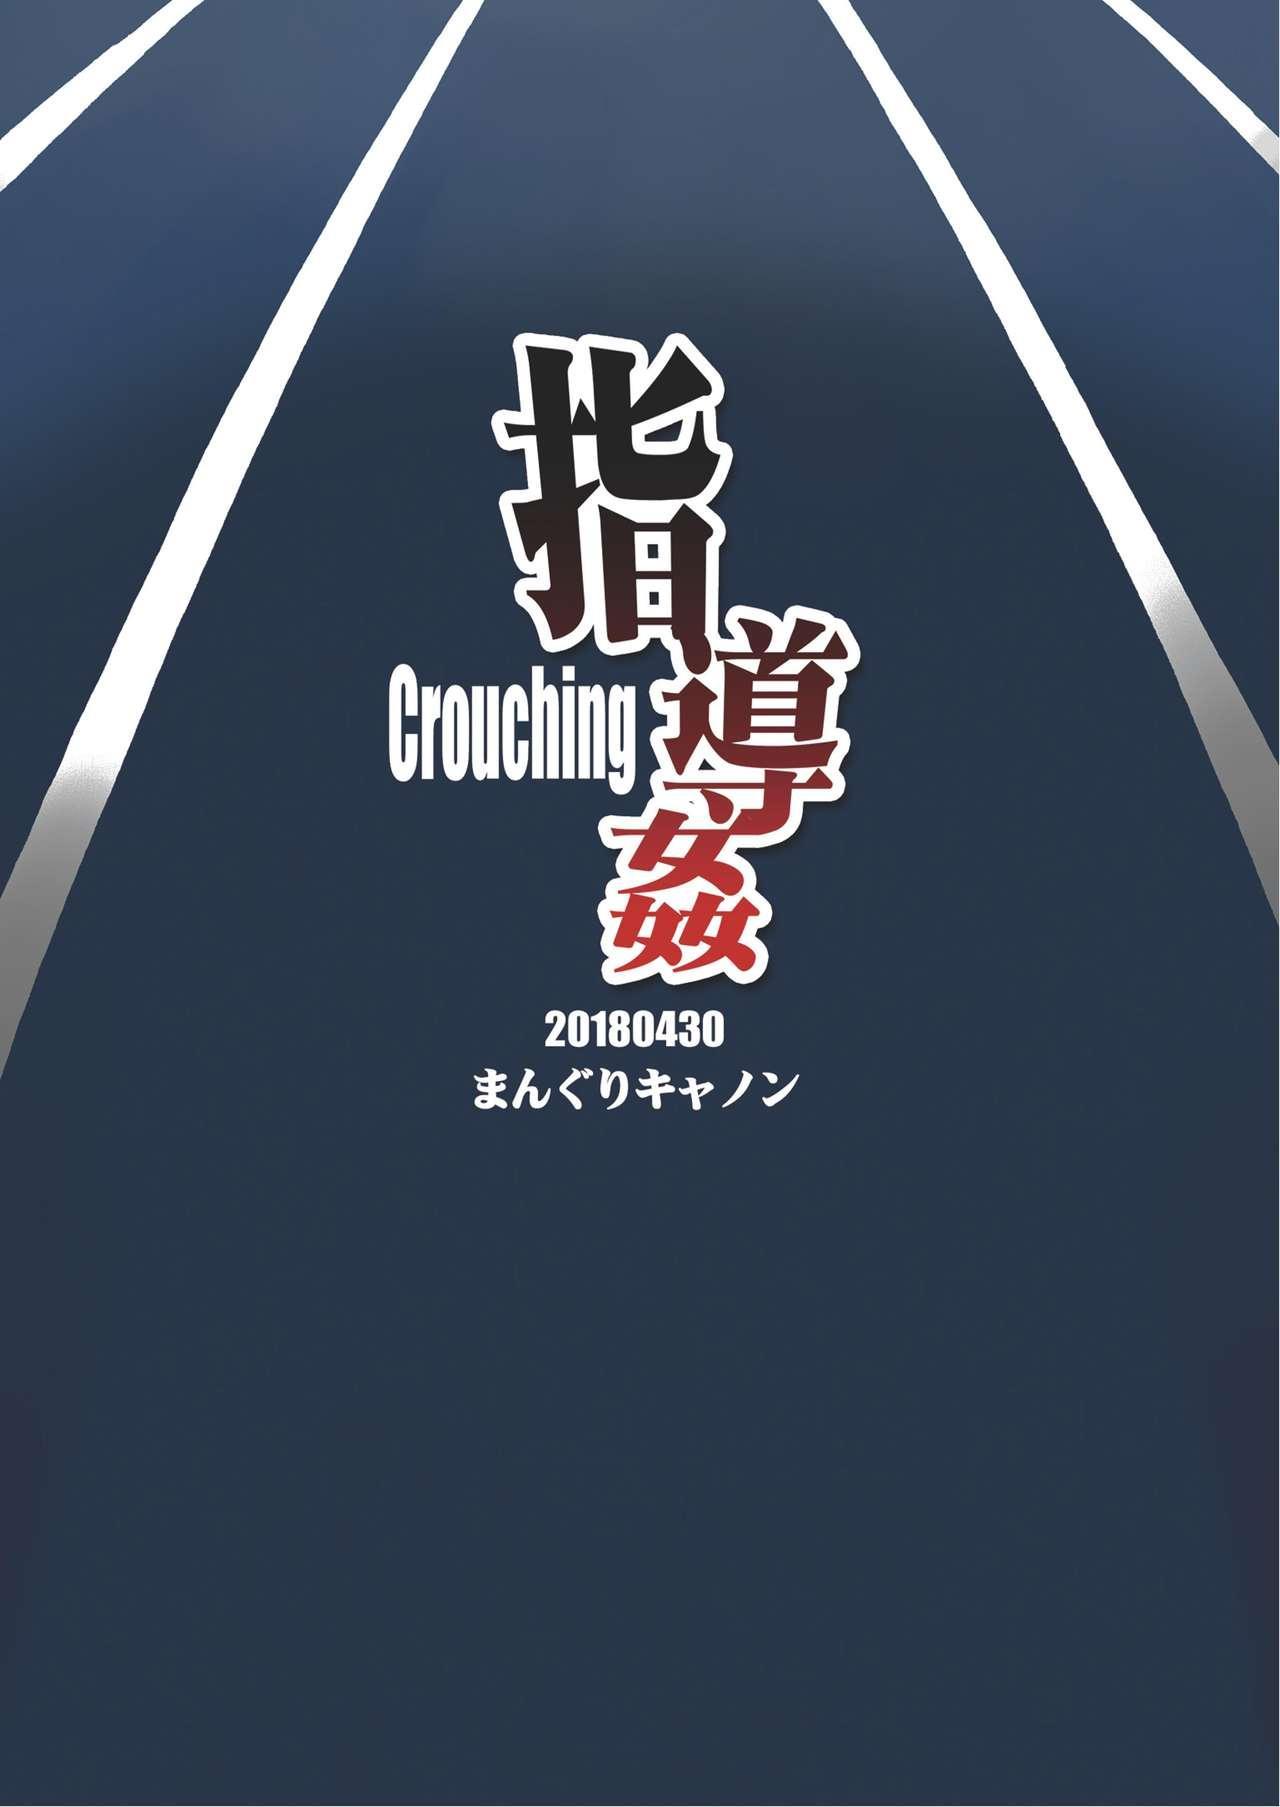 Shidoukan Crouching 21